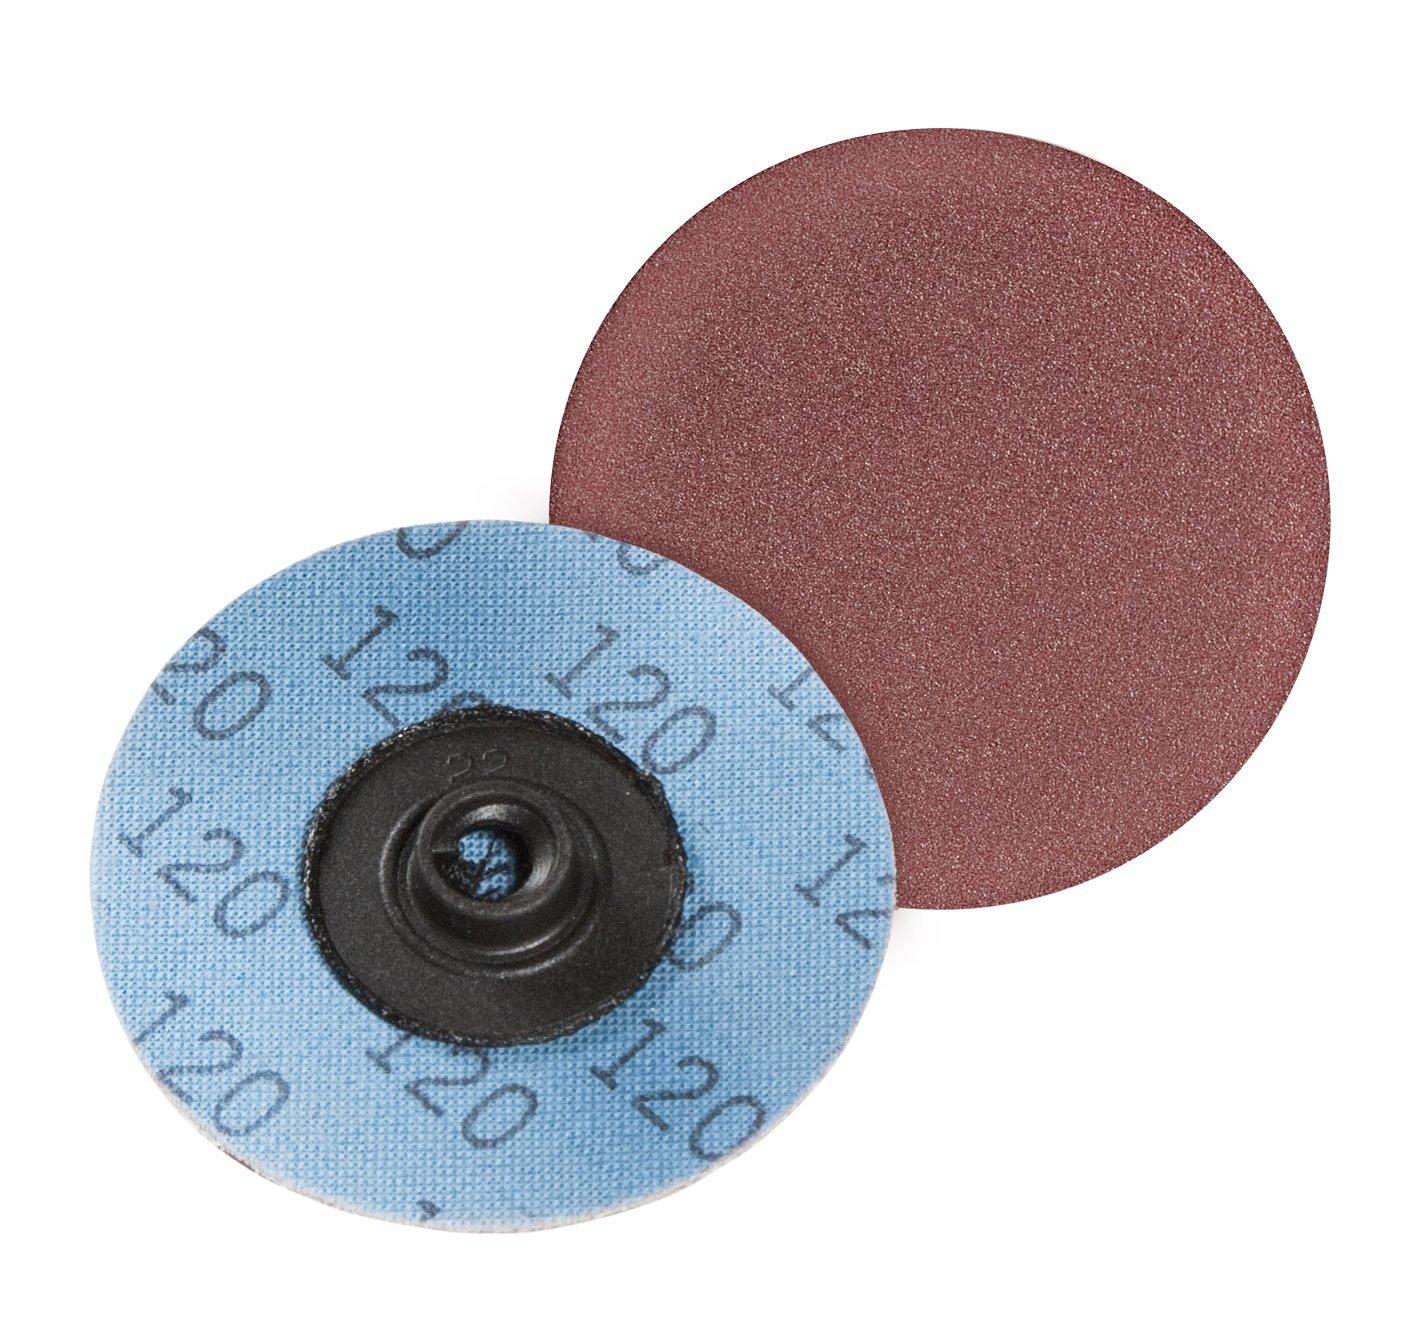 Series KK711Y Turn On Aluminum Oxide VSM Abrasives Co. 50G Type S VSM 70764 3 Quick Change Disc Pack of 25